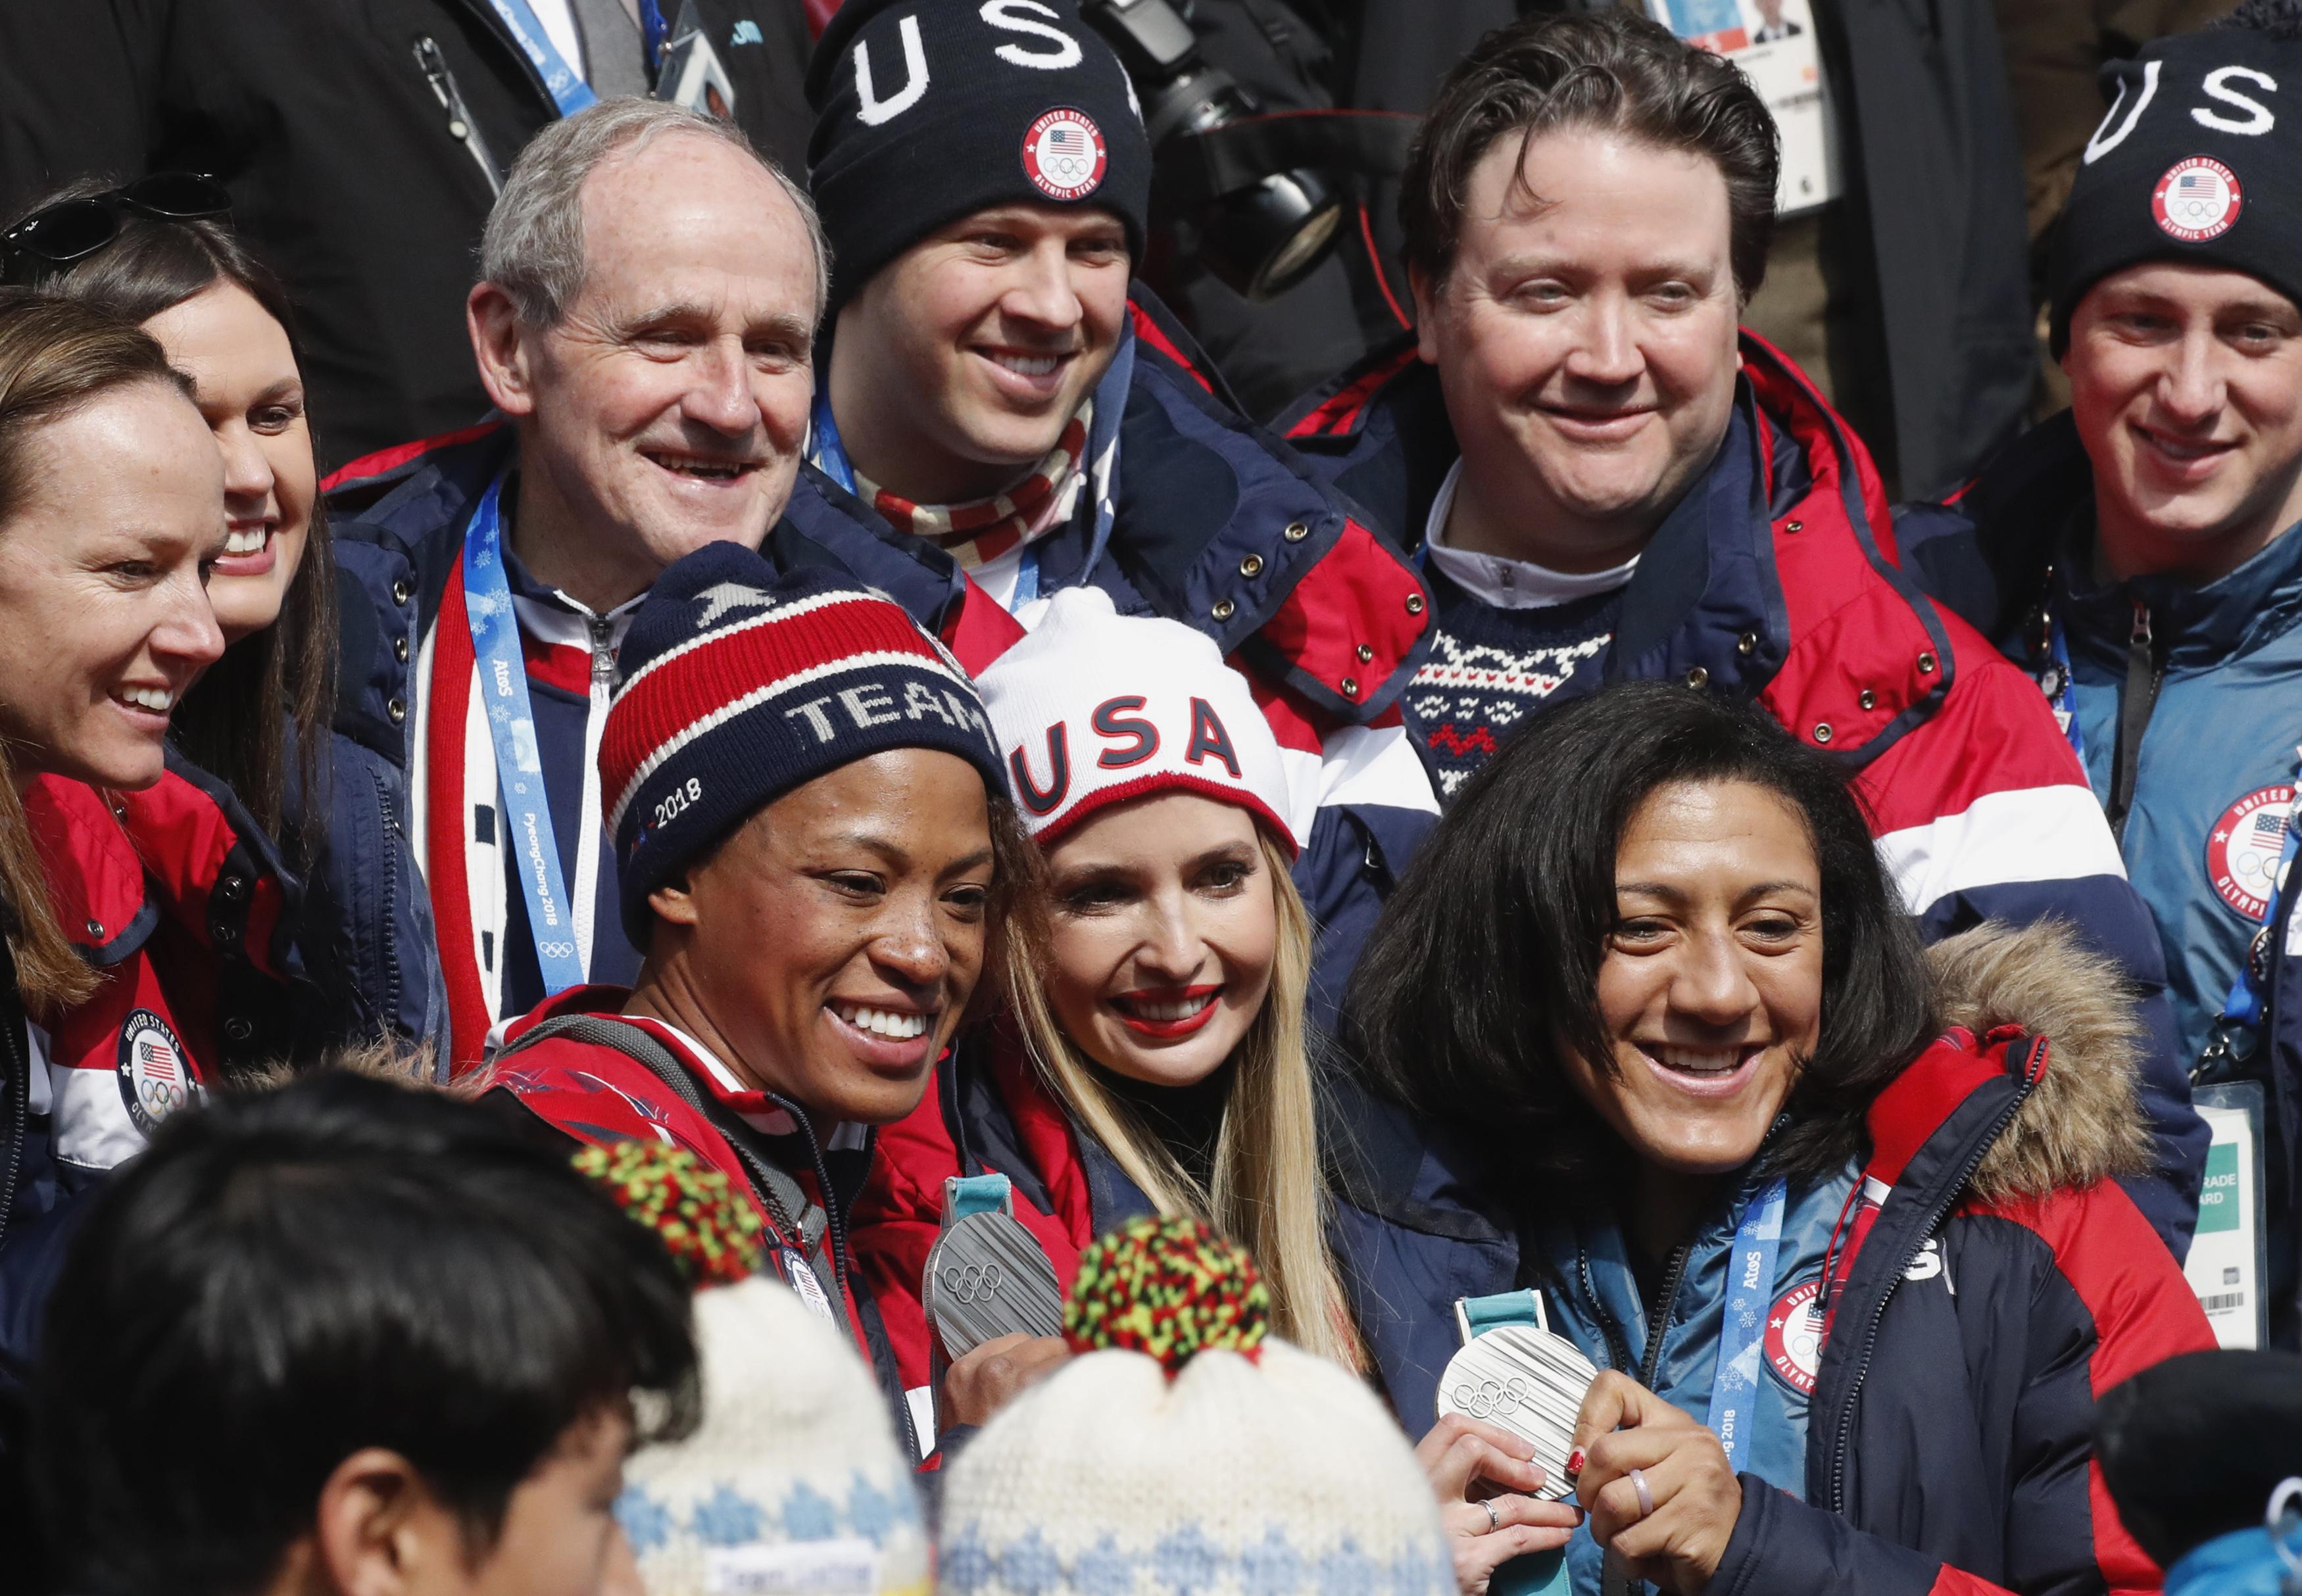 إيفانكا ترامب تلتقط صورة تذكارية مع بعض المتسابقين